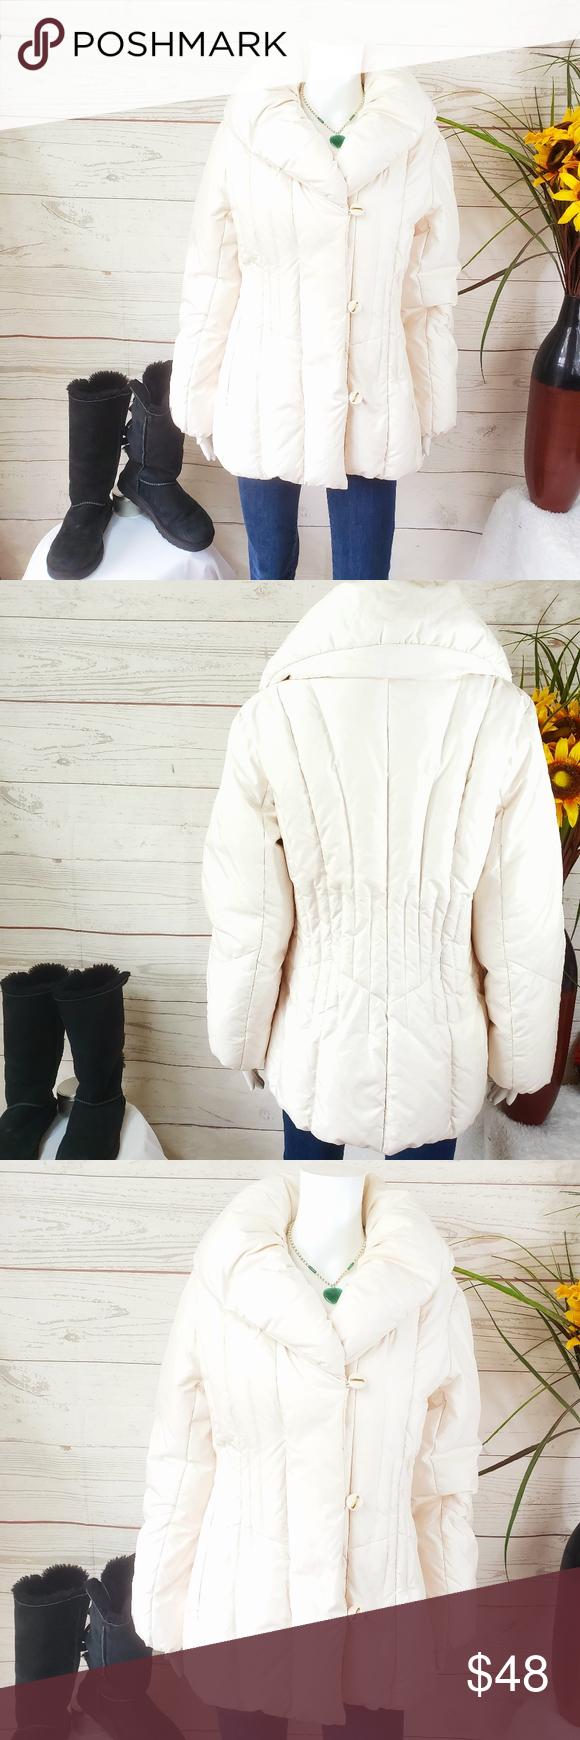 Centigrade Outerwear Warm Down Fill Cream Jacket Cream Jacket Clothes Design Outerwear [ 1740 x 580 Pixel ]